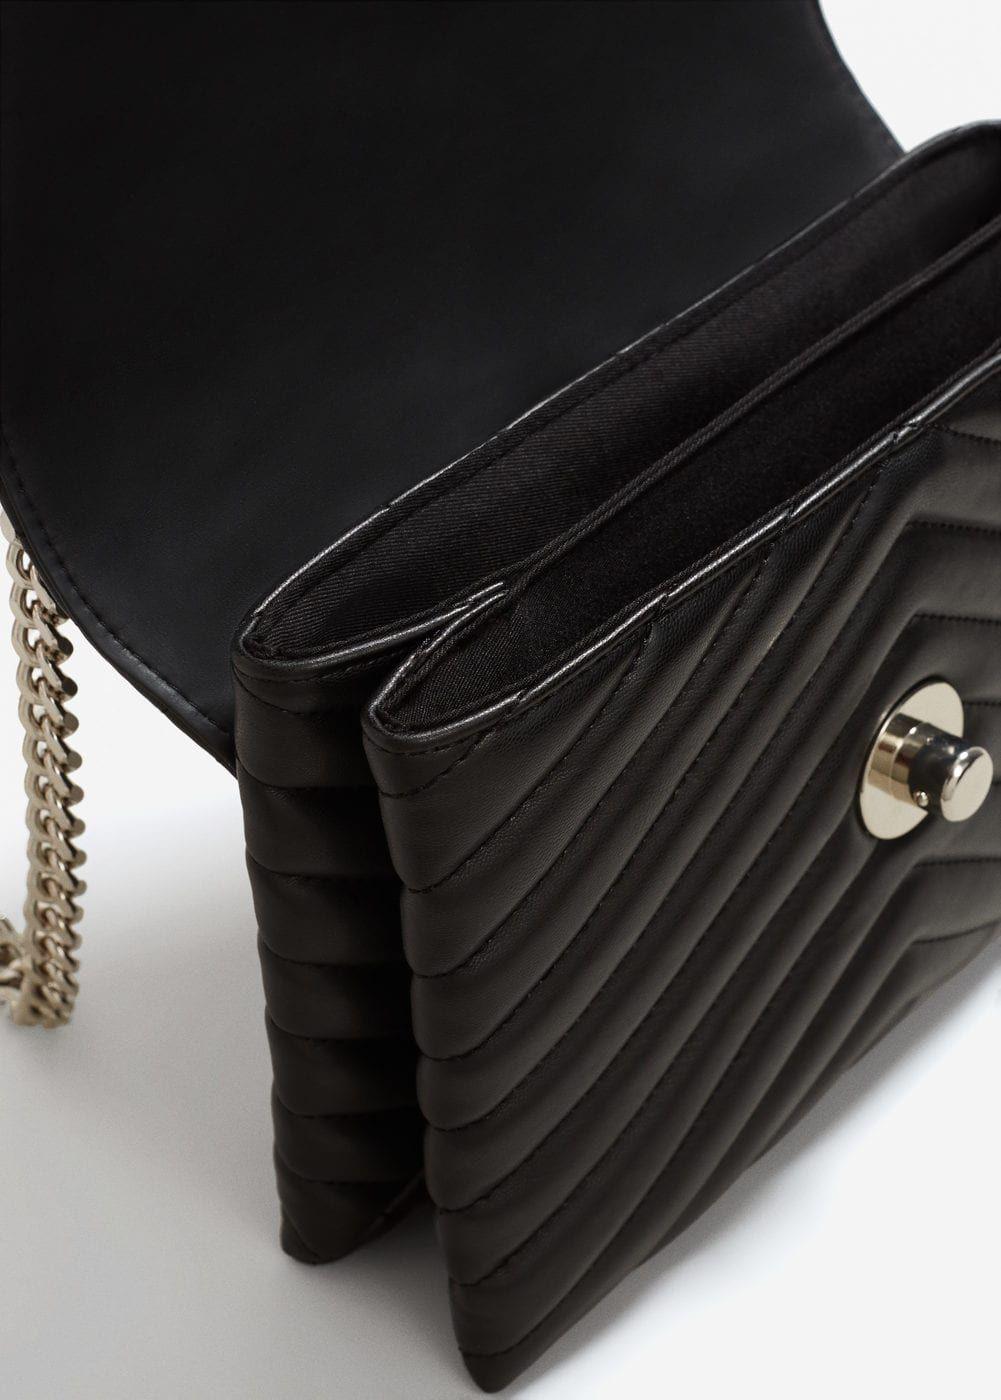 0baddf4445ab2 Zincirli kapitone çanta - Kadın | şeyler | Bags, Shoulder bag, Women